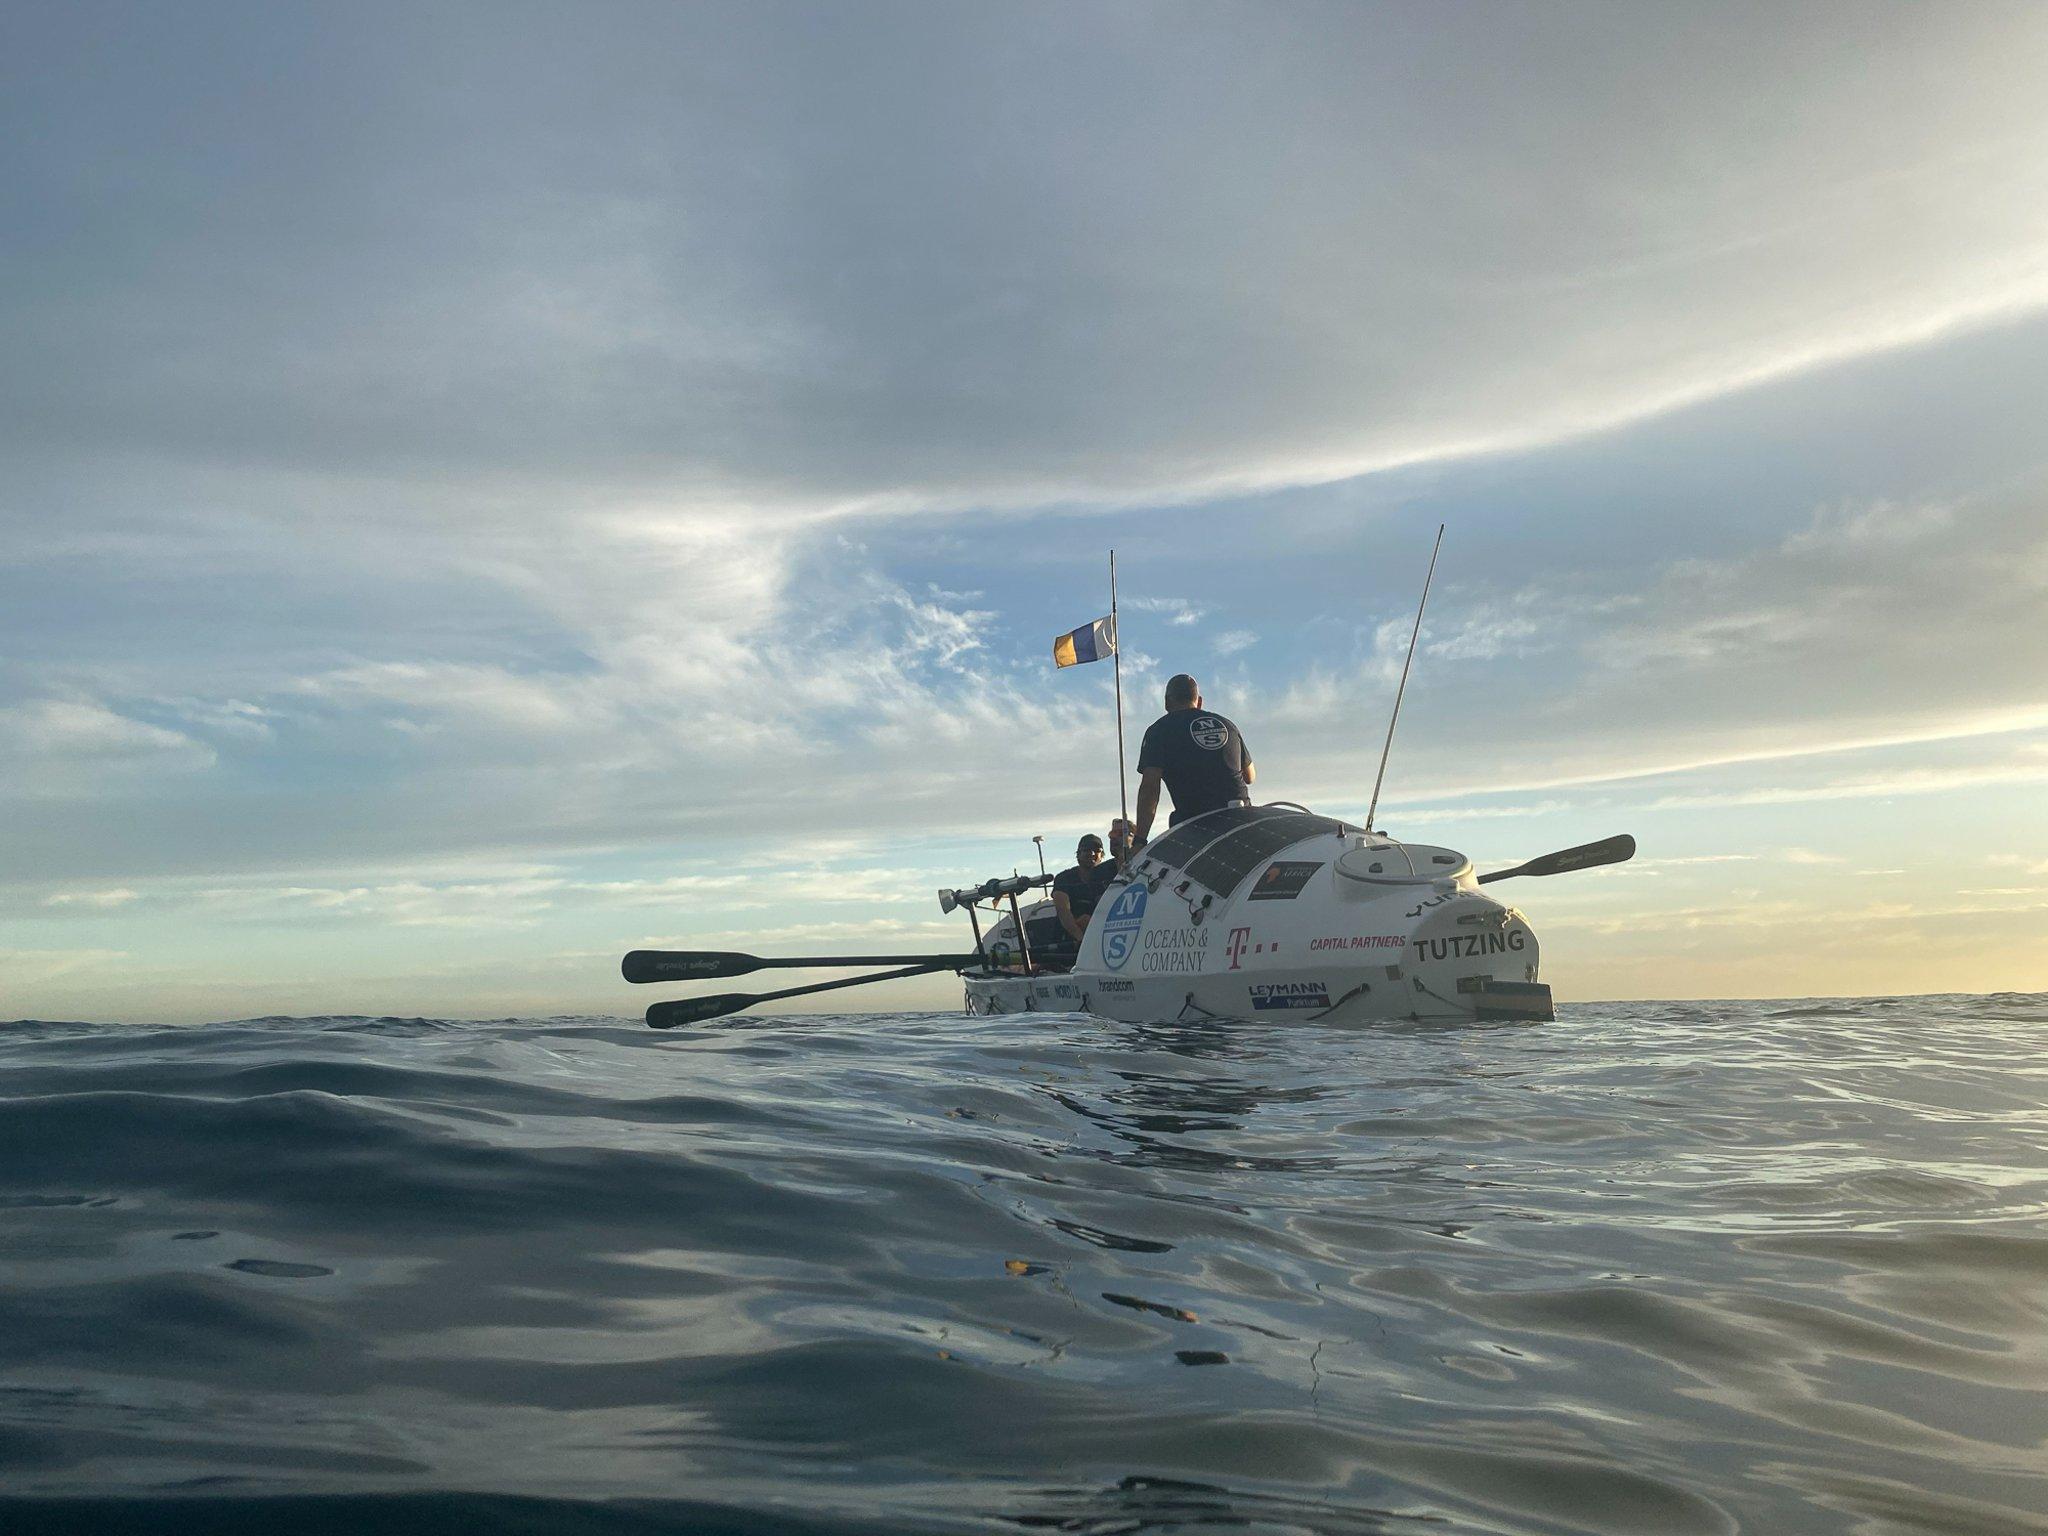 atlantiküberquerung ruderboot